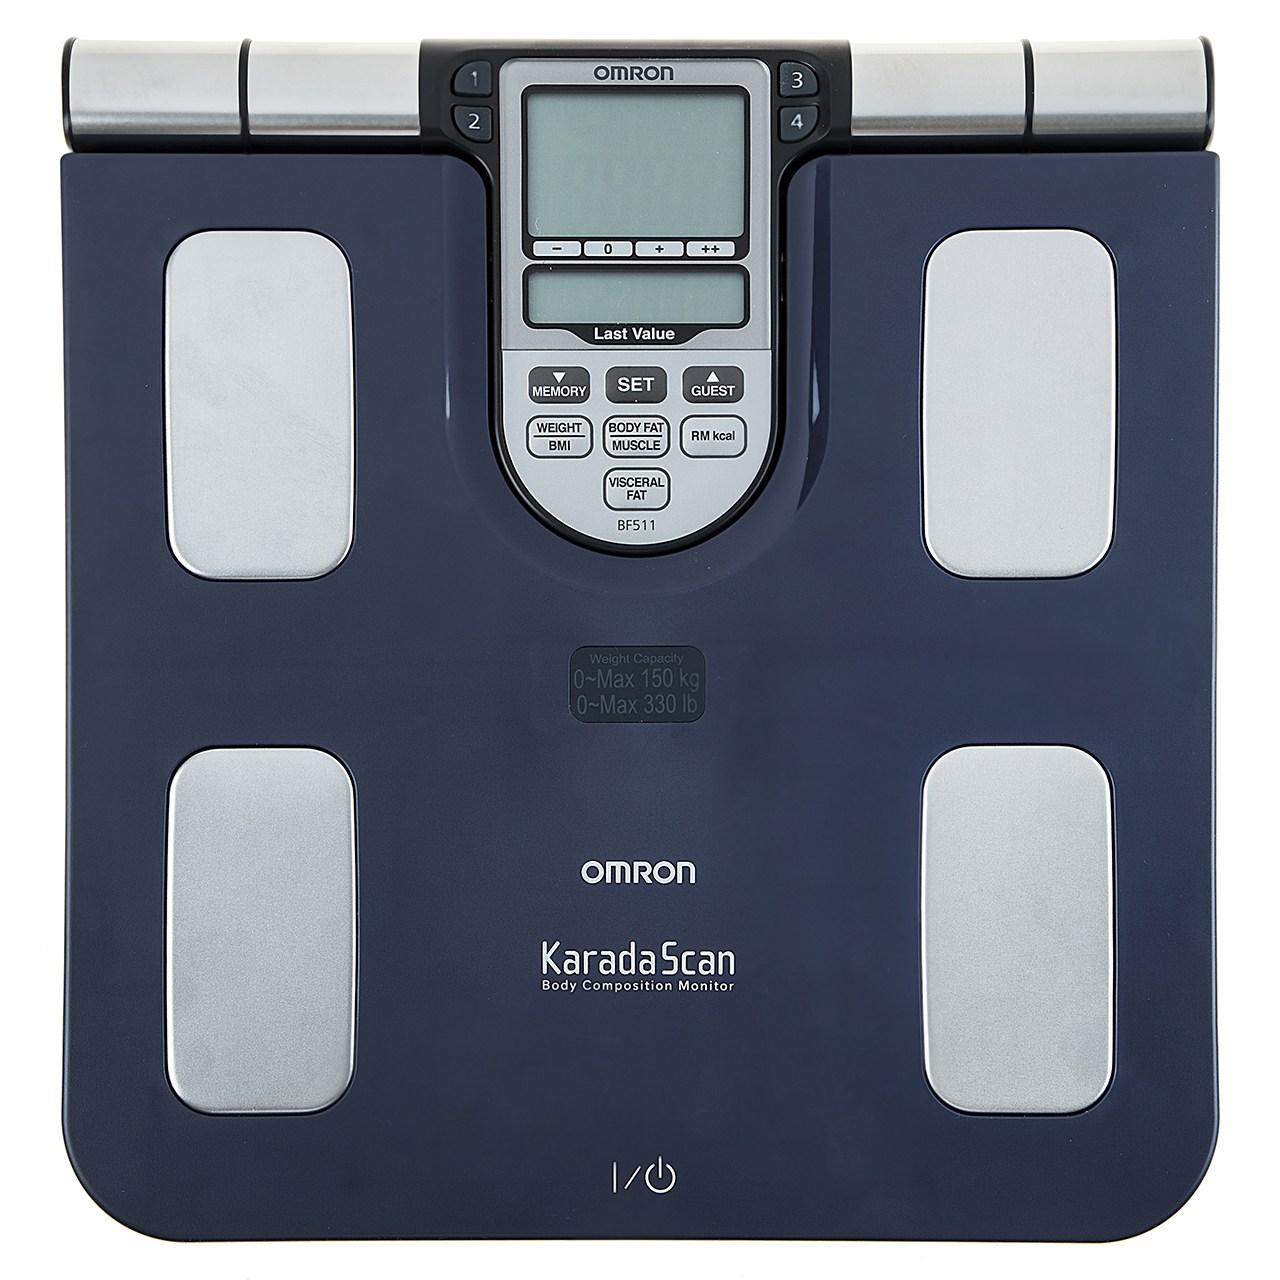 فروش نقدی یا اقساطی ترازو دیجیتال امرن مدل BF511